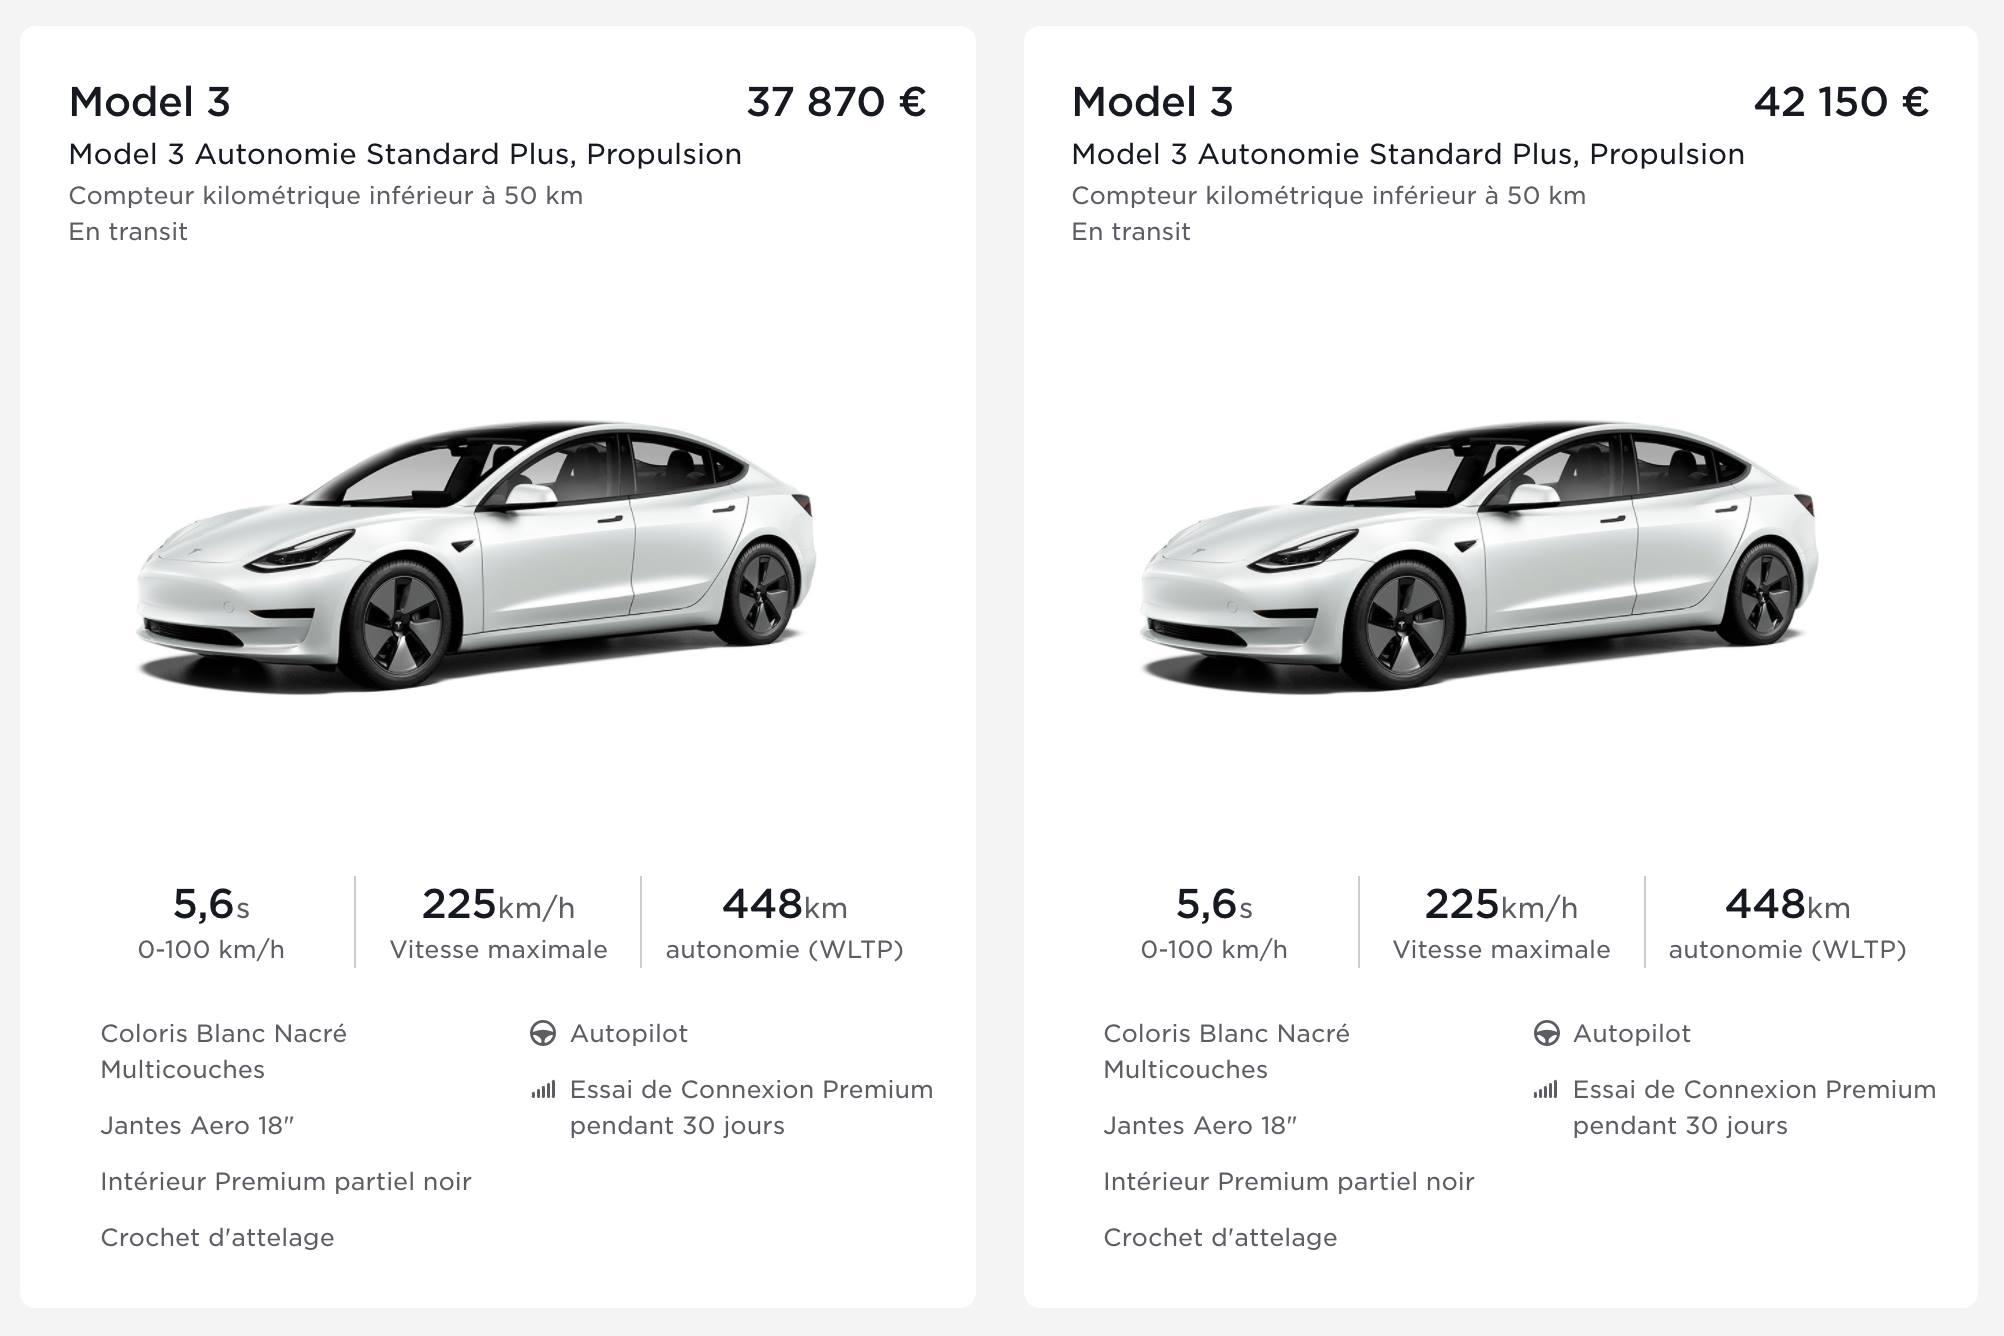 Le prix de la Tesla Model 3 en France est aussi volatil que le Bitcoin - Frandroid